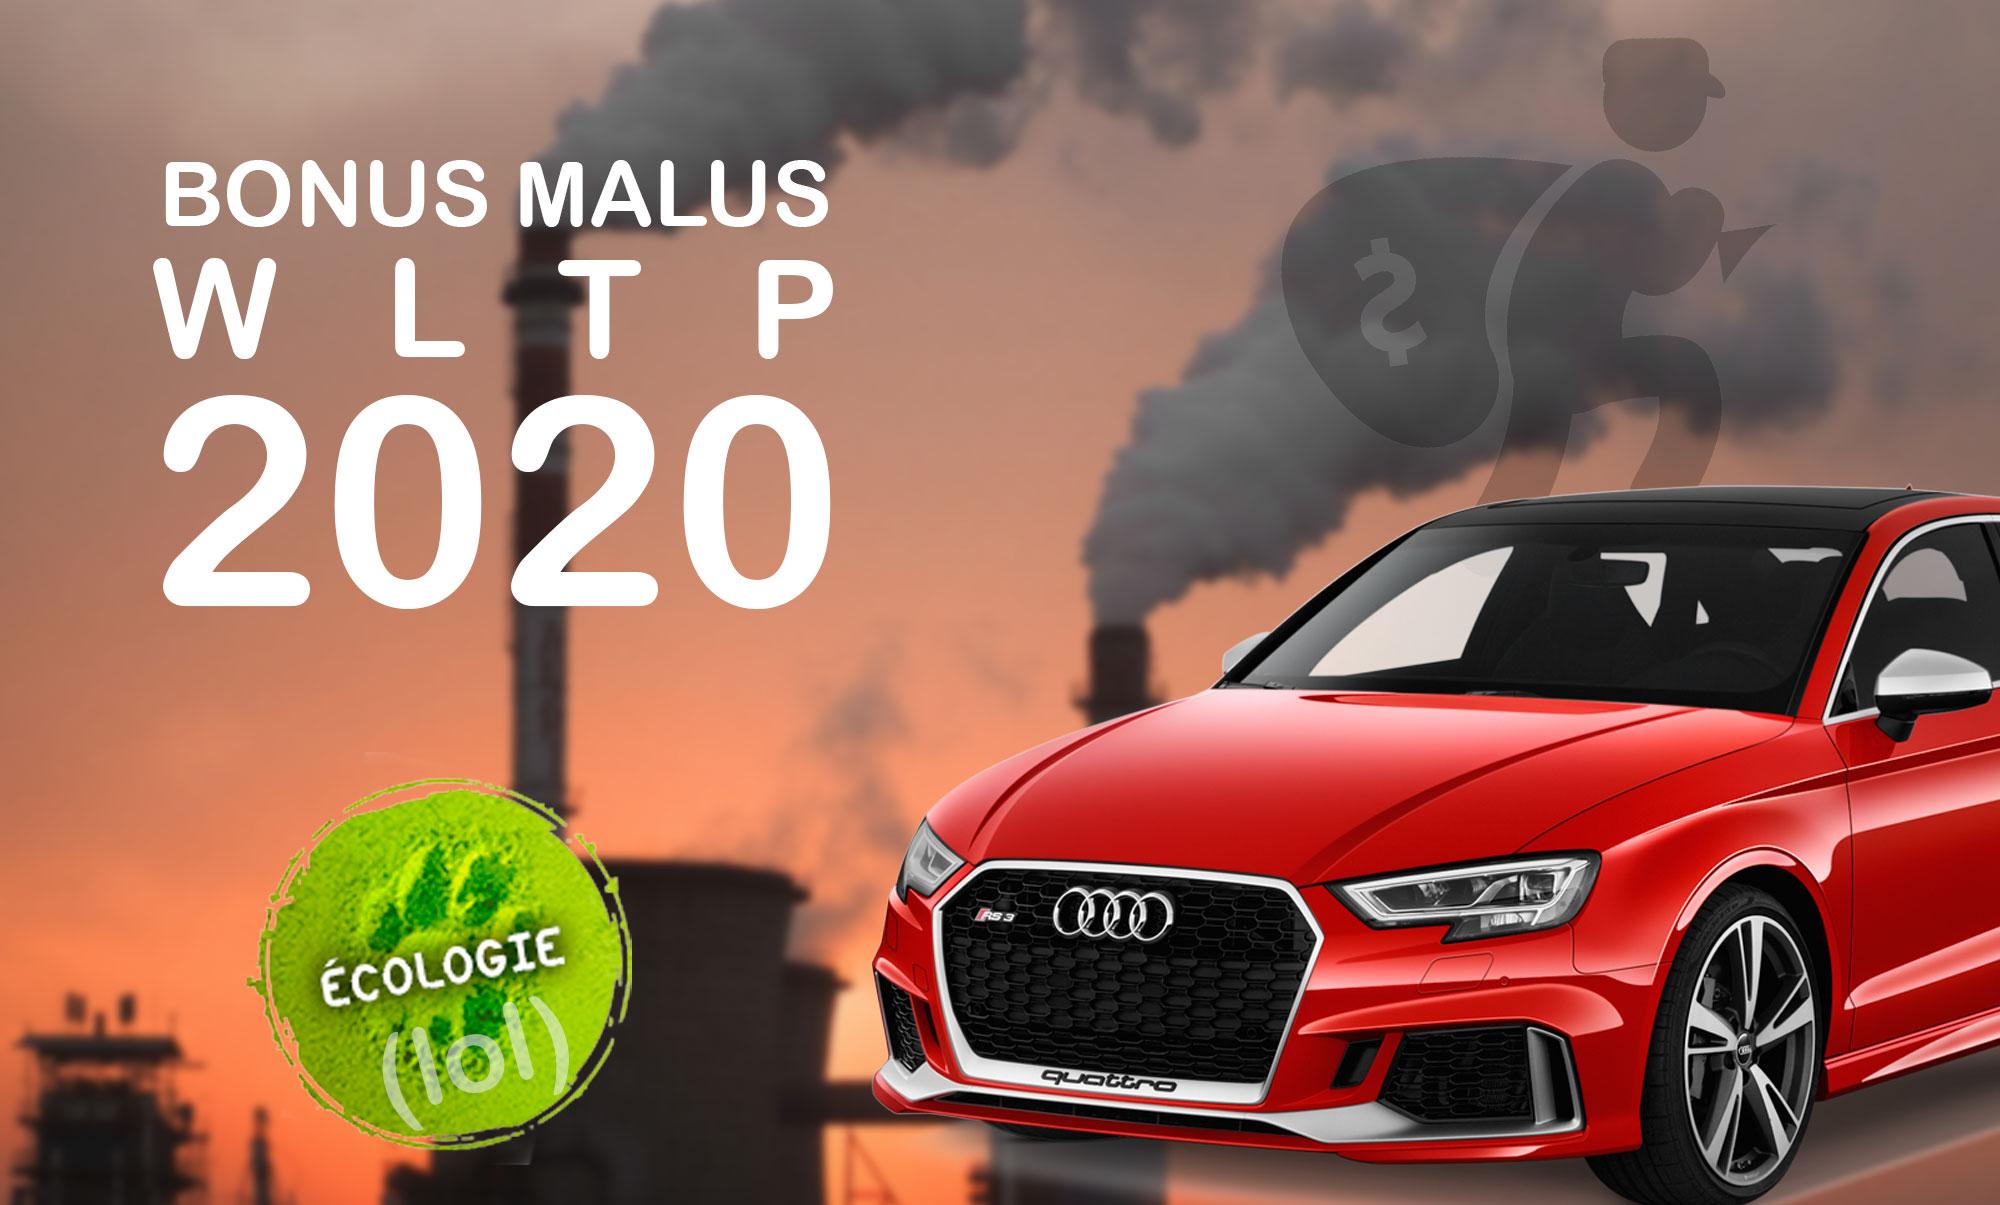 Bonus Malus écologique WLTP 2020